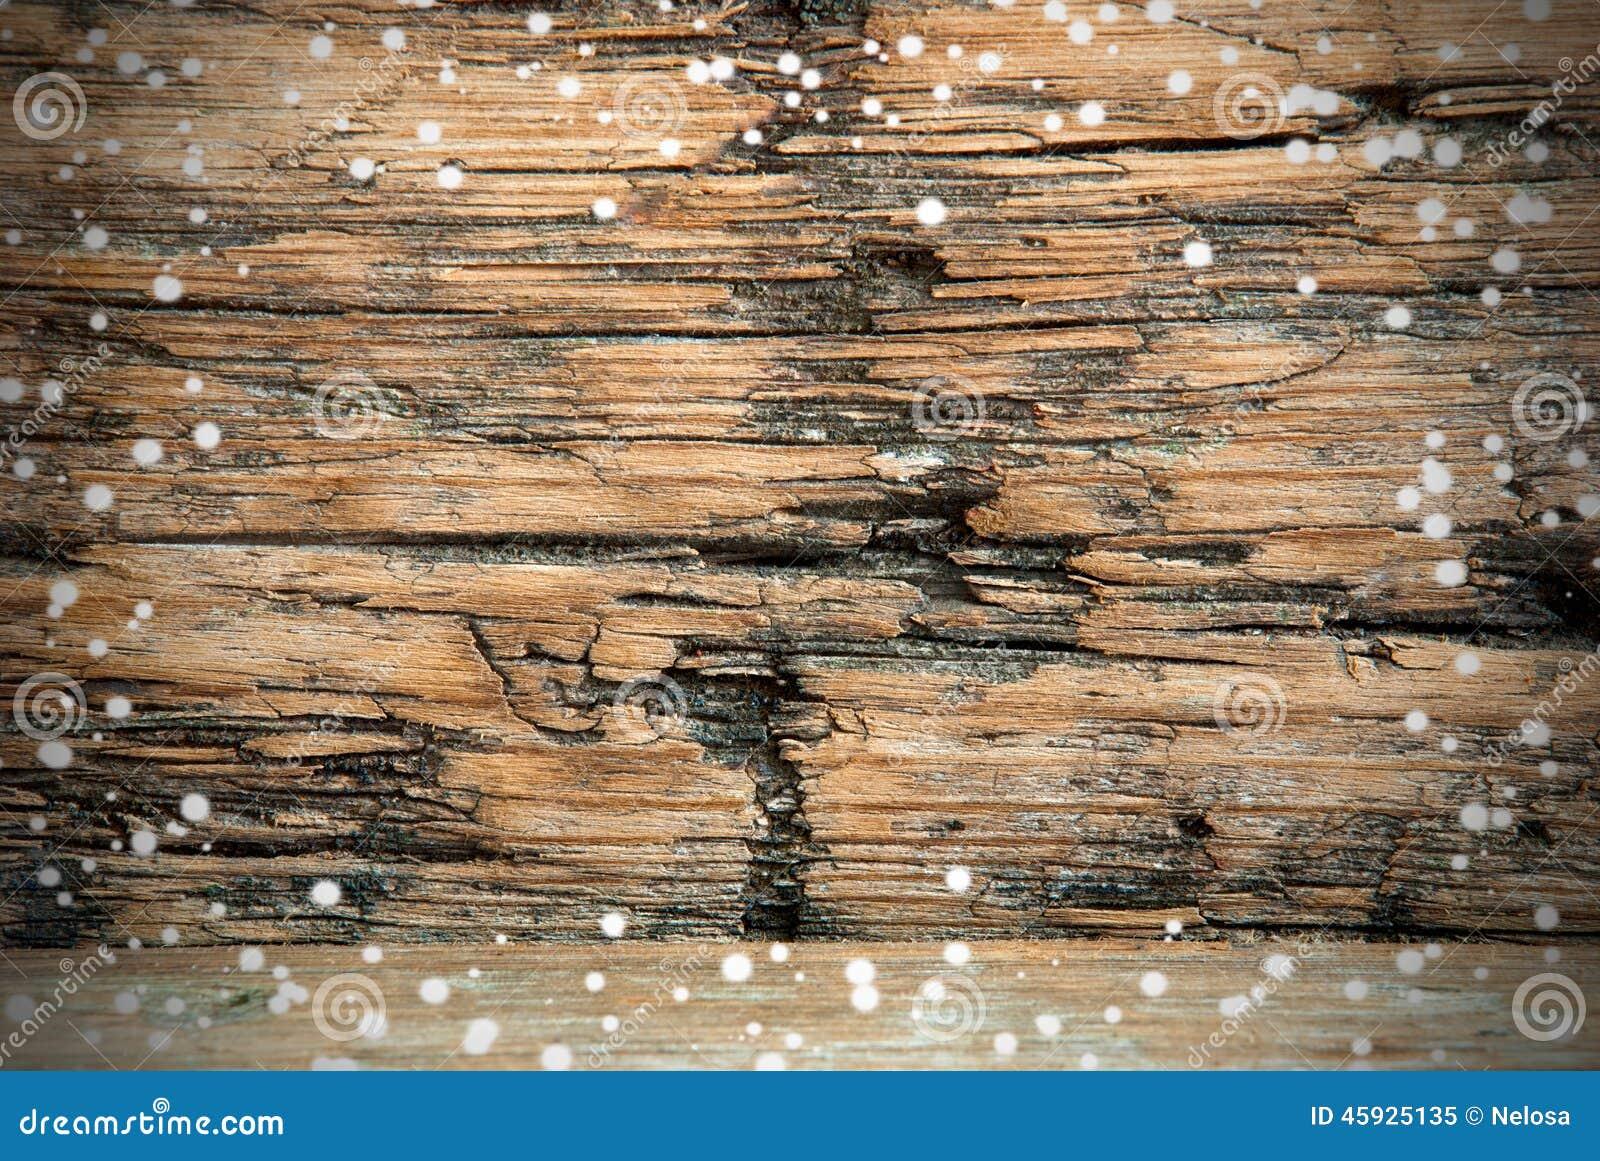 Fondo de madera Nevado